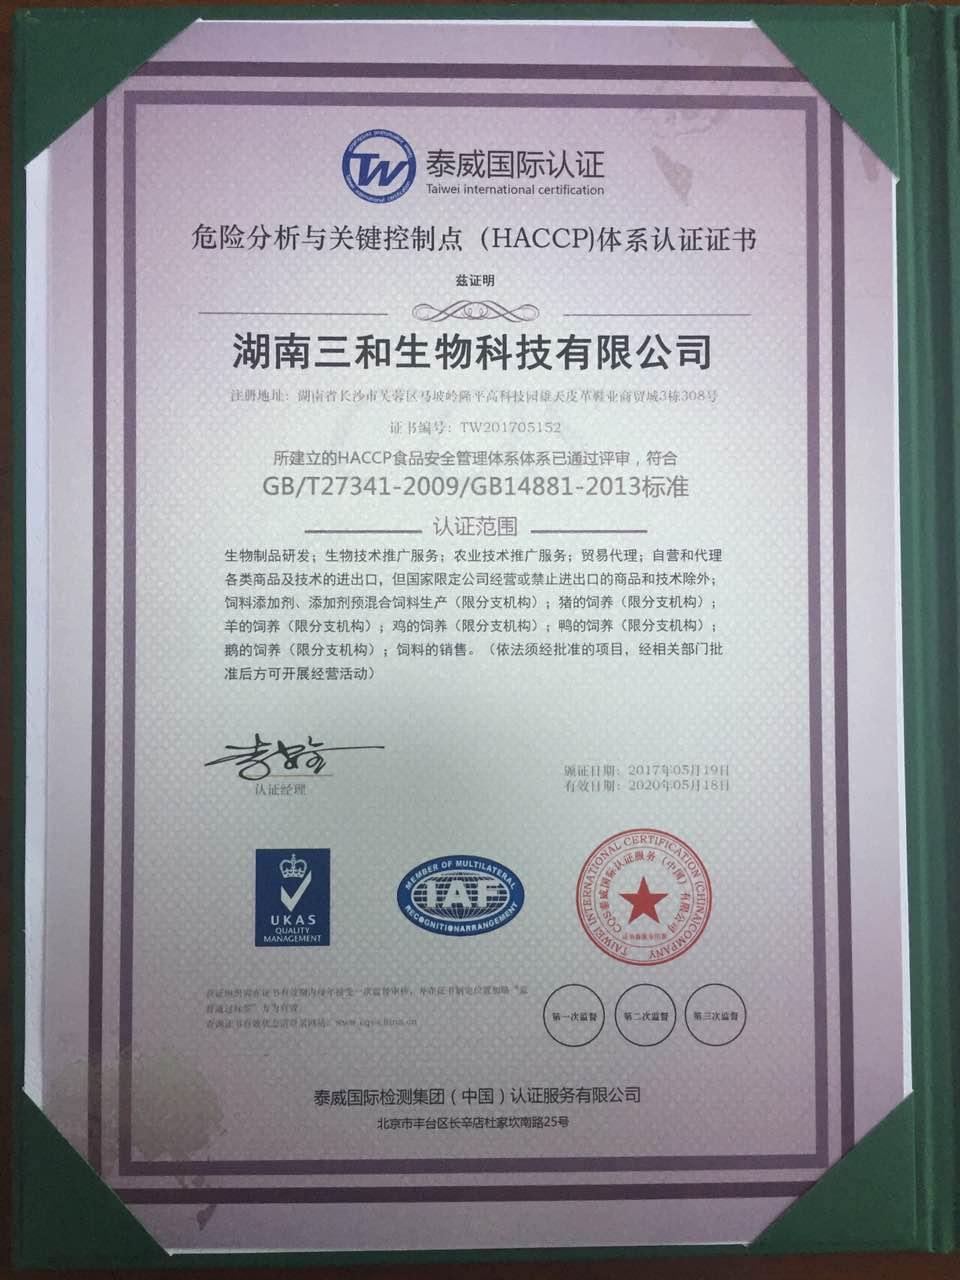 危险分析与关键控制点体系认证证书